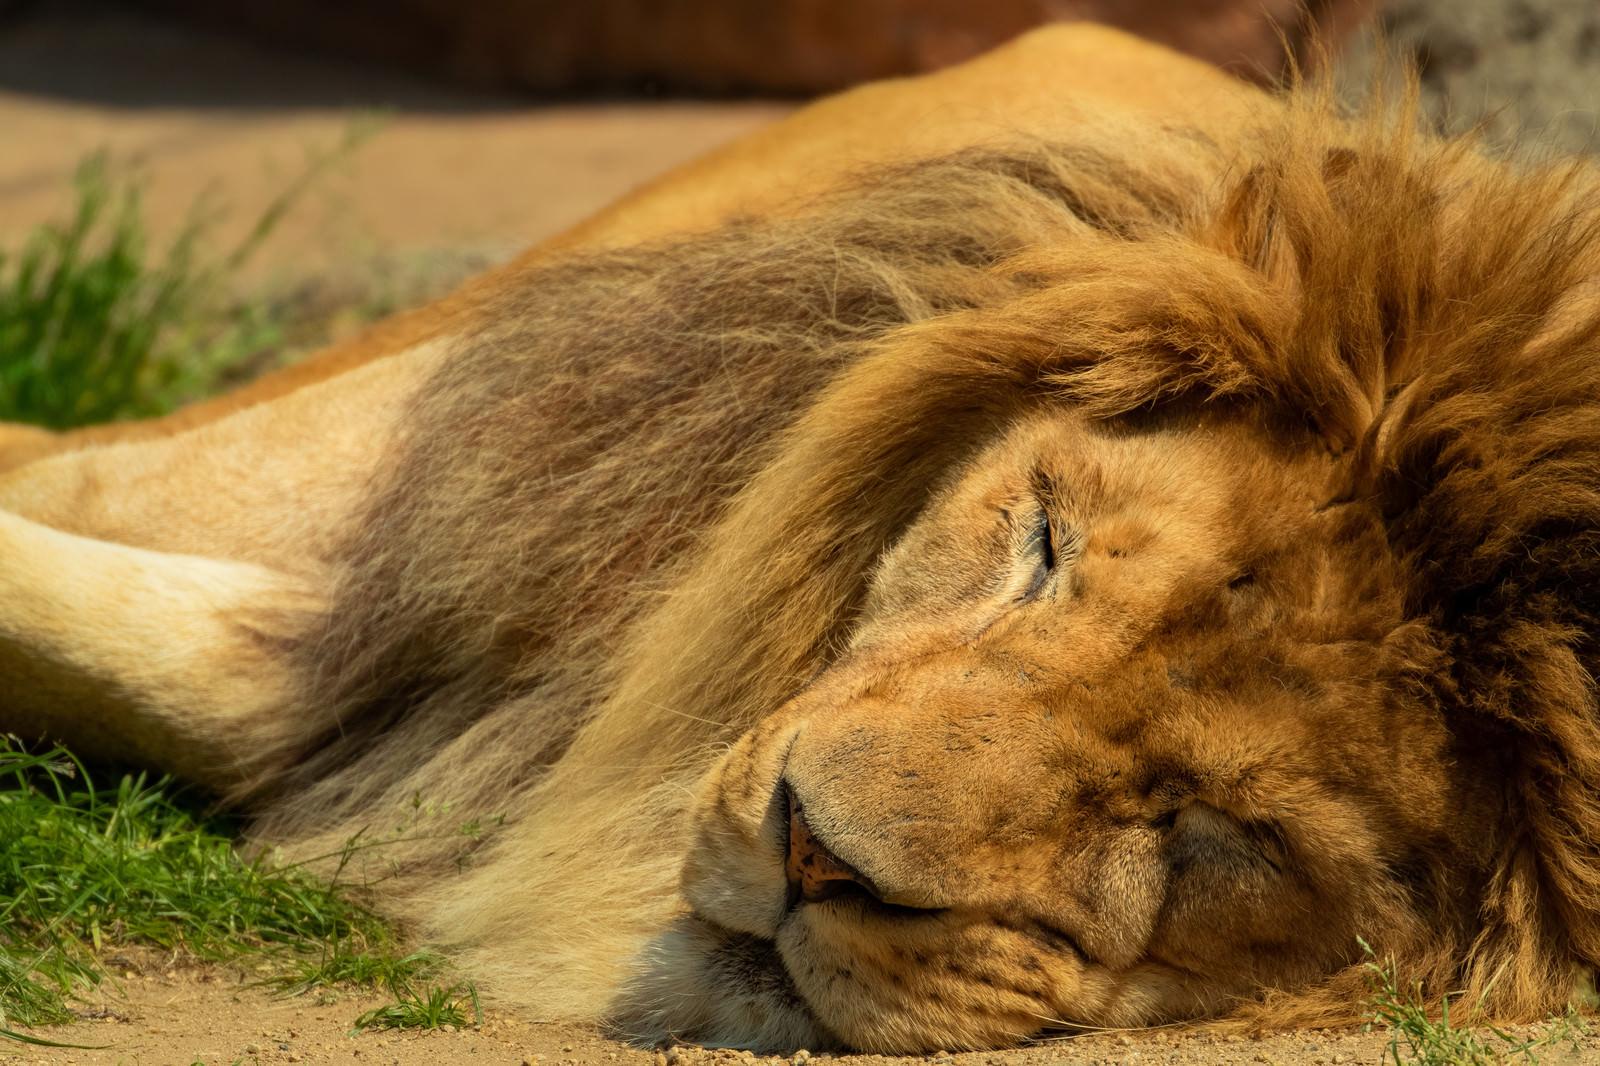 「暑くてバテる百獣の王(ライオン)暑くてバテる百獣の王(ライオン)」のフリー写真素材を拡大